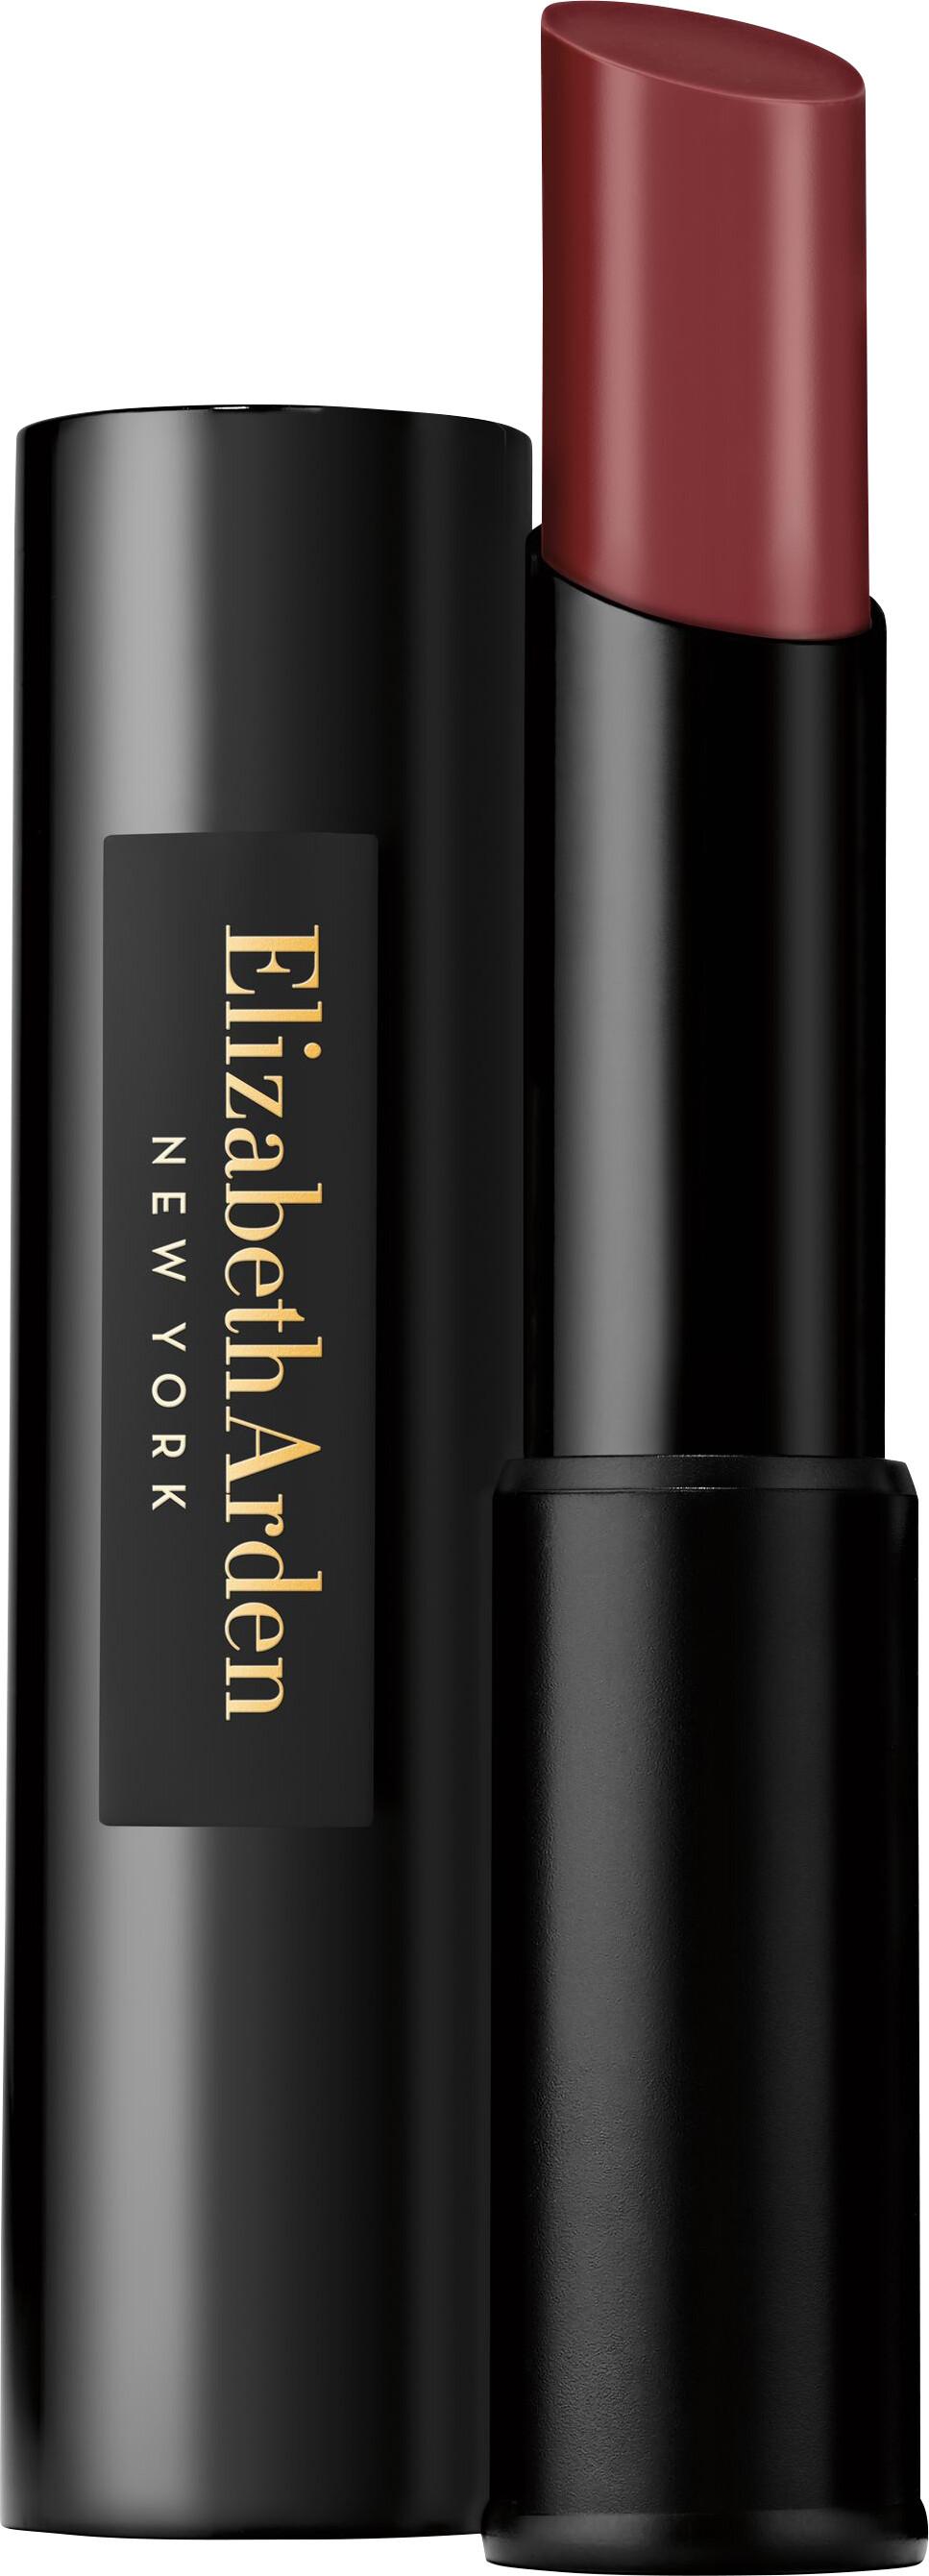 Elizabeth Arden Gelato Plush Up Lipstick